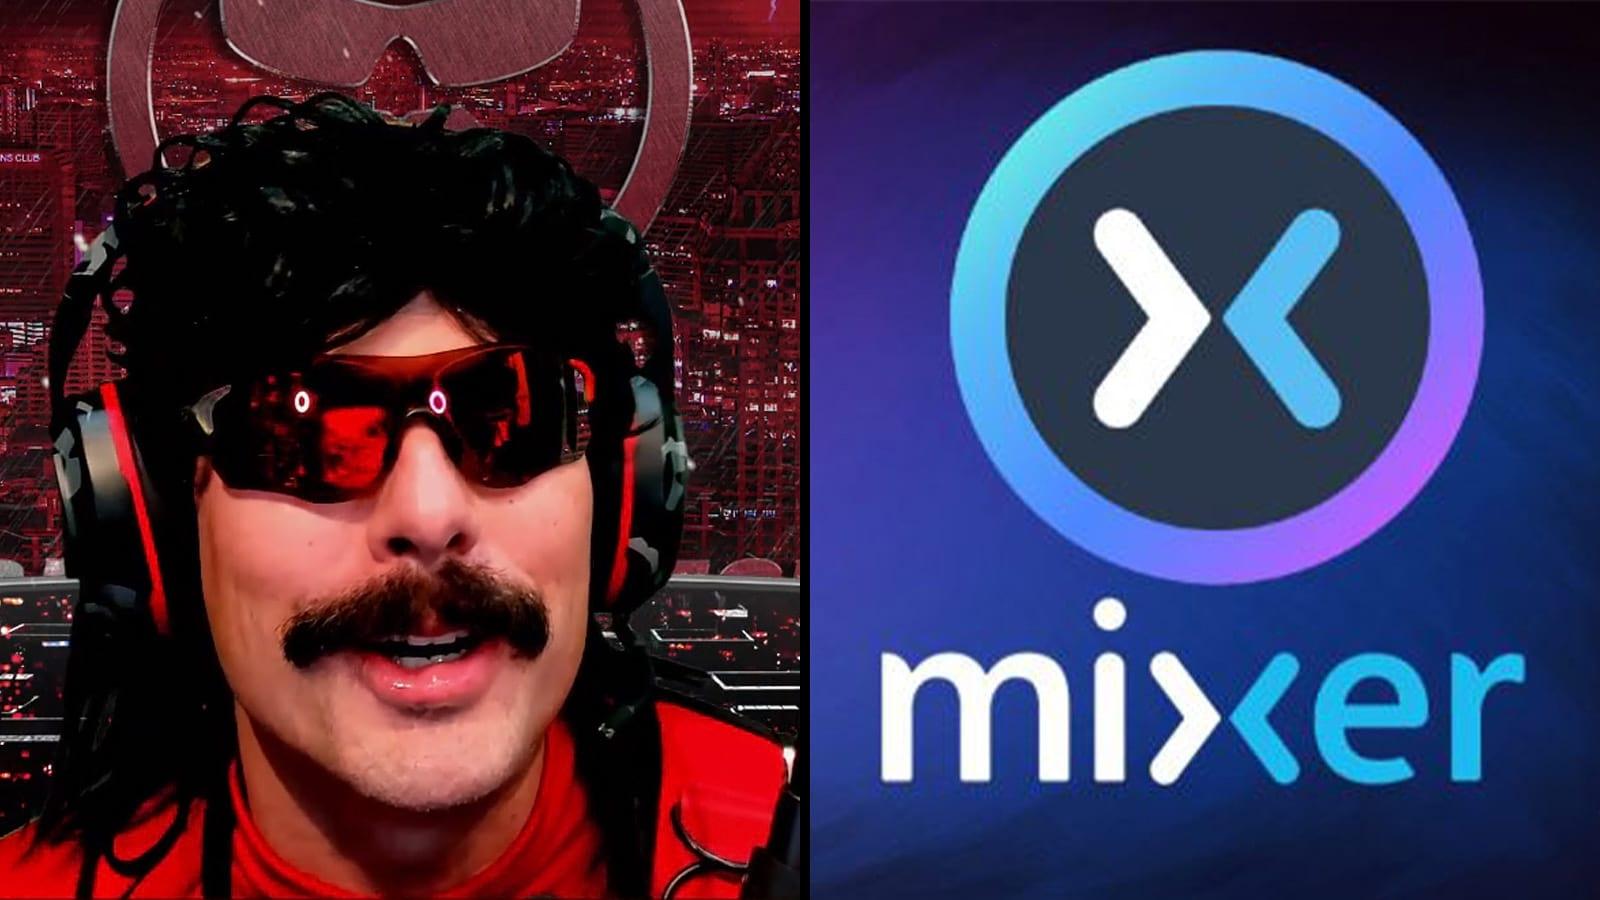 L: Dr Disrespect R: Mixer